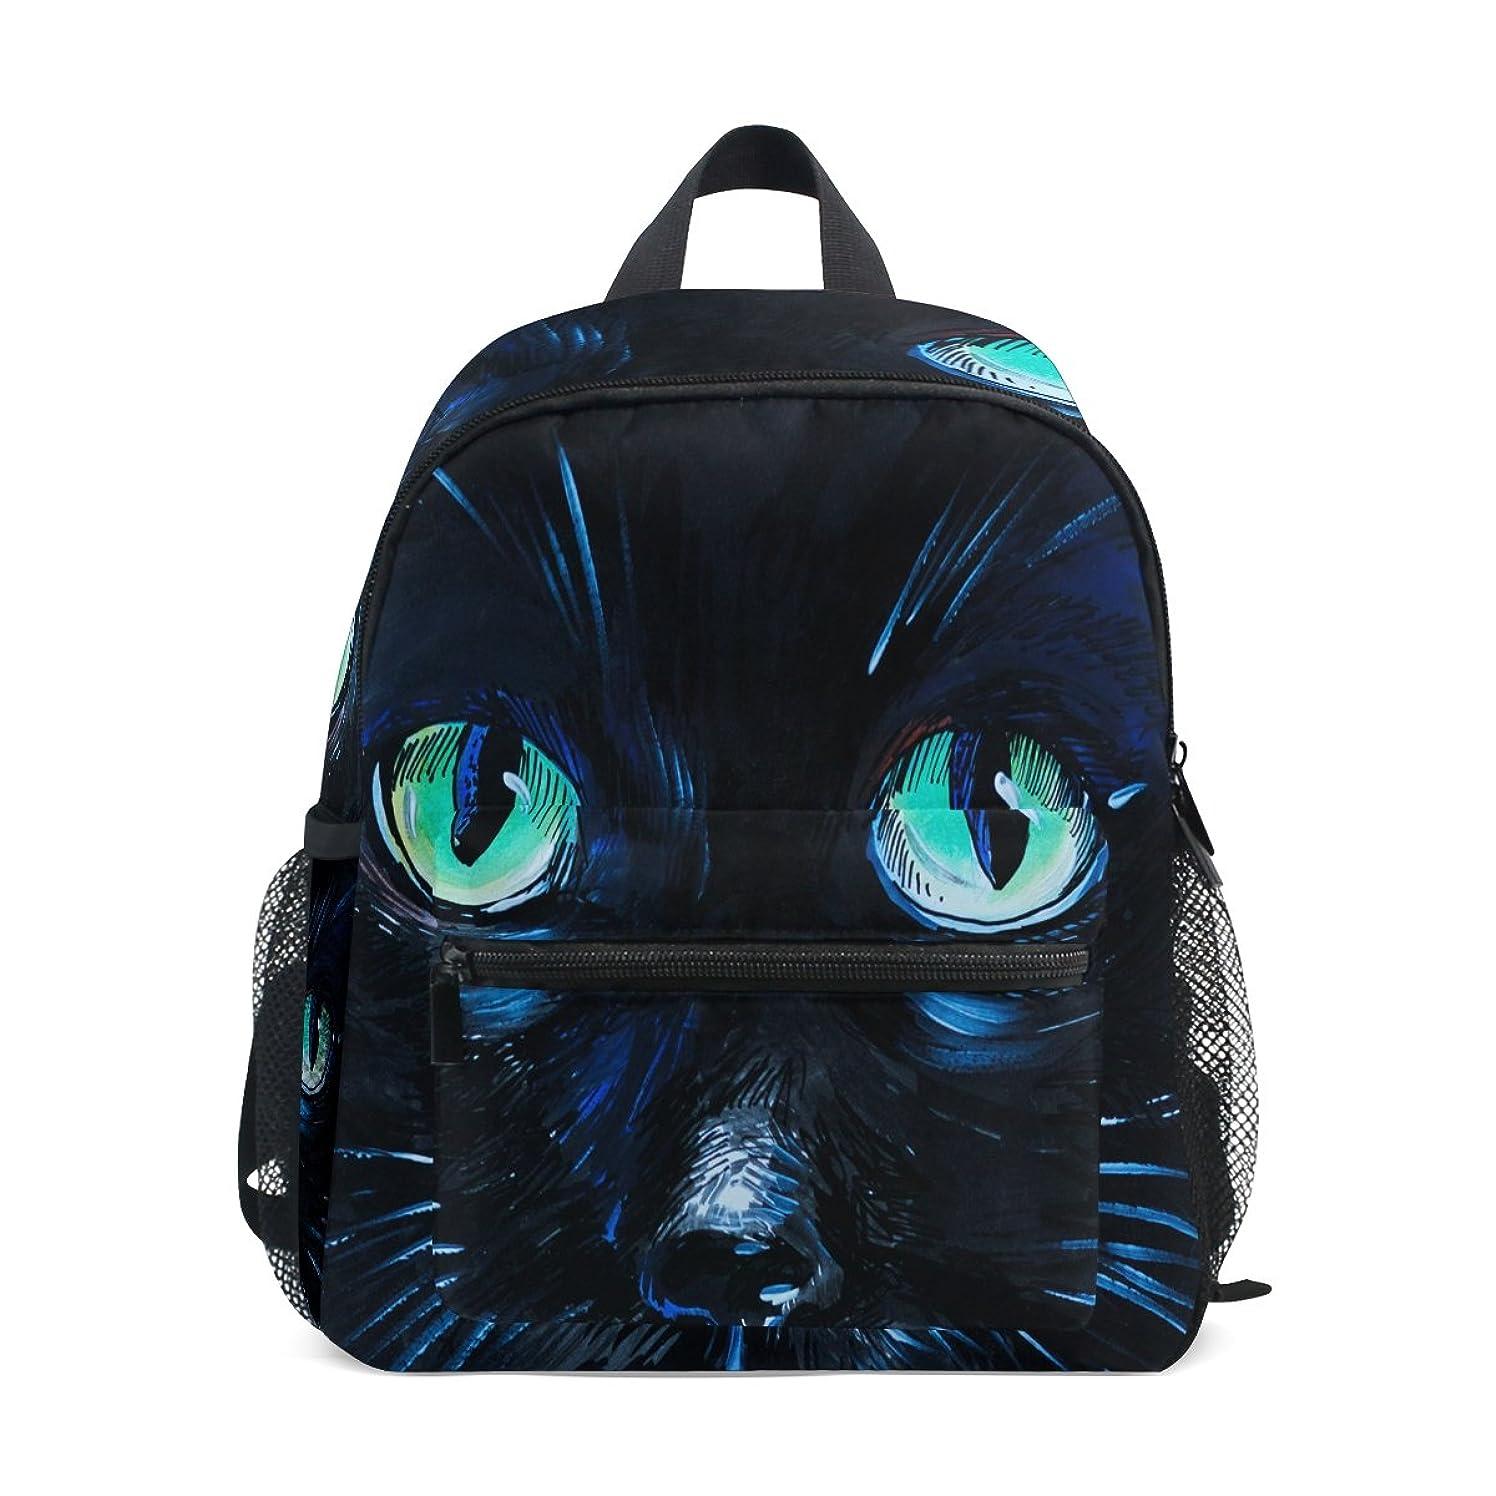 上に組み合わせチャールズキージングNatax リュック レディース 小型 ミニリュック おしゃれ猫の目 猫柄 リュックサック ディパック 人気 かわいい ショルダー バックパックキャンバスバッグ 多機能 通学 出張 旅行 撥水 人気